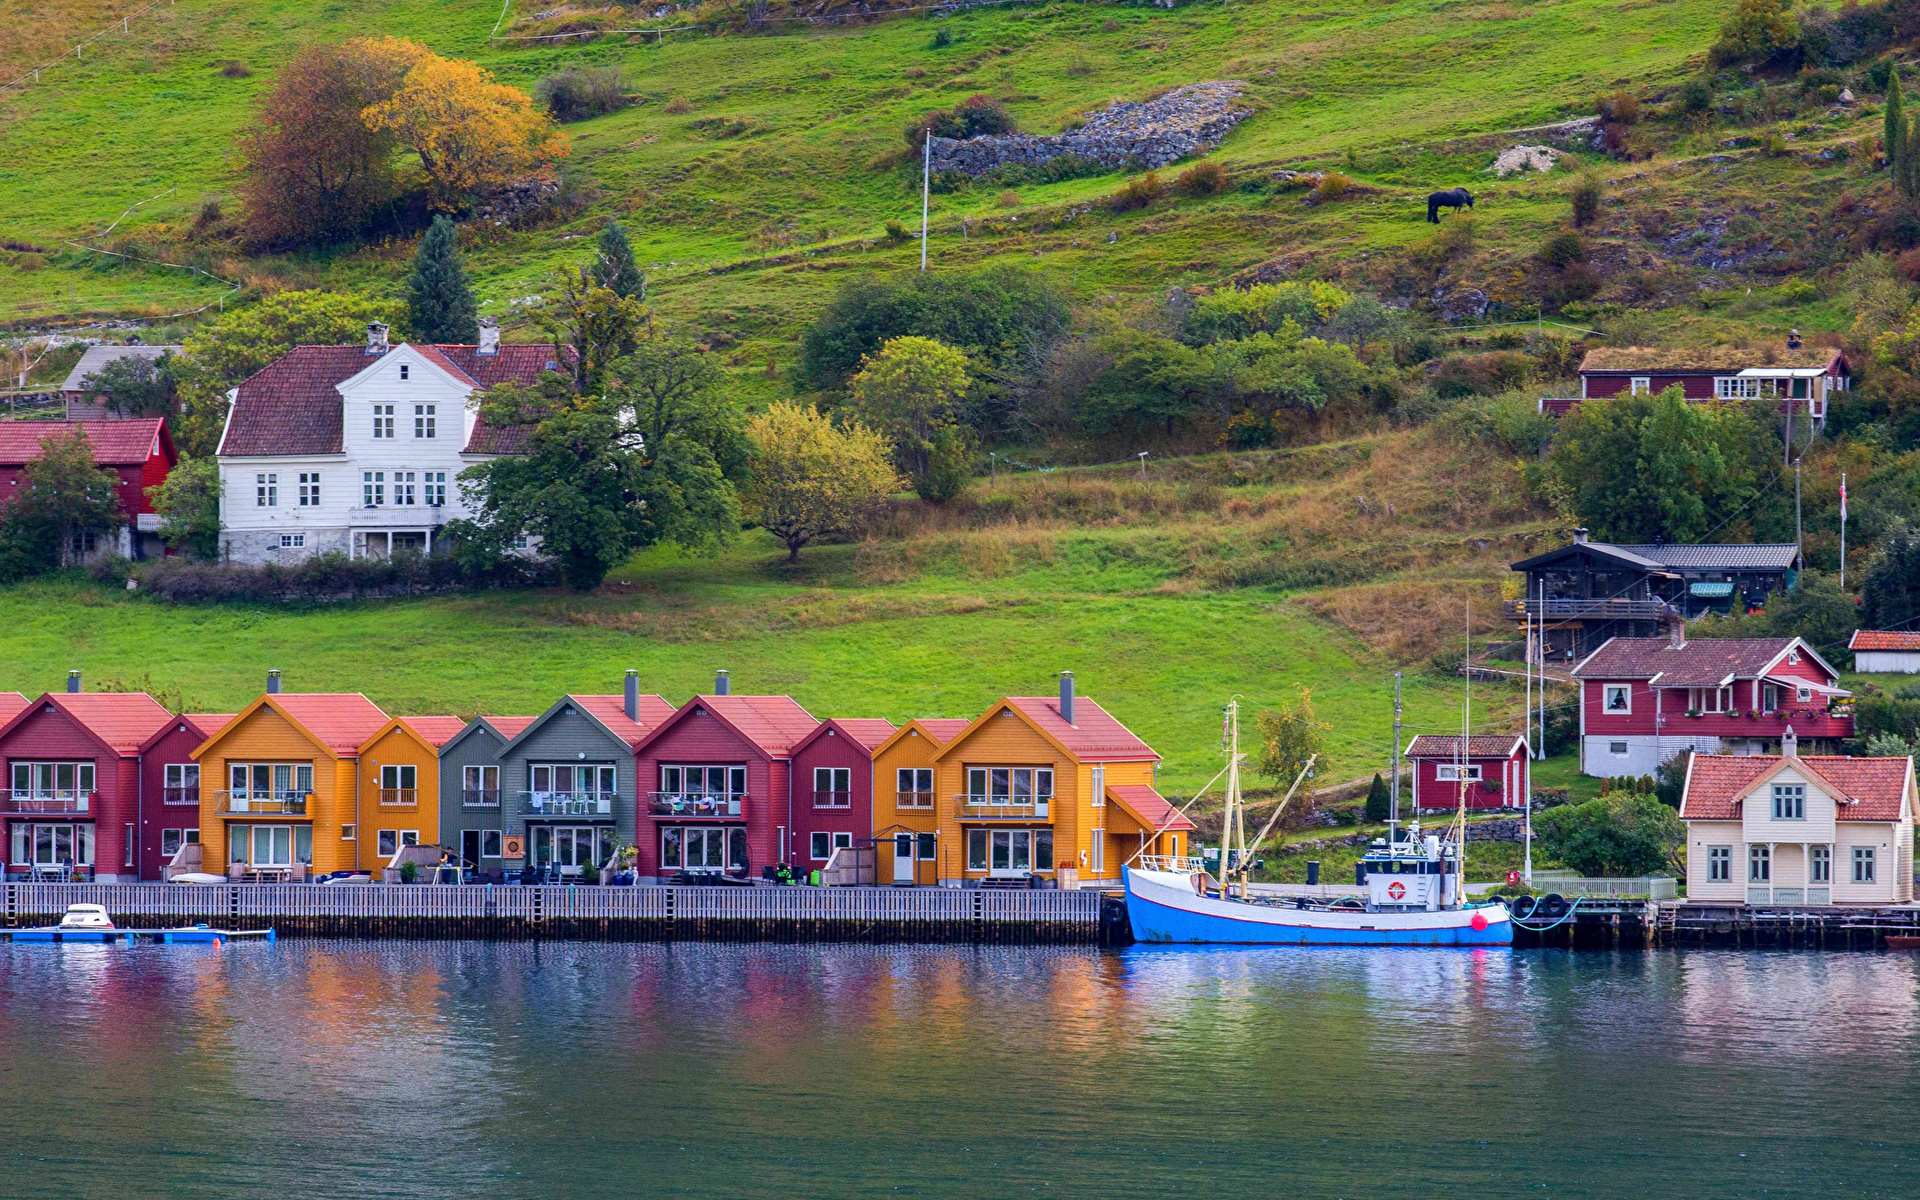 Обои для рабочего стола Норвегия Port de Kaupanger Залив Пристань Здания Города 1920x1200 Пирсы залива заливы Причалы Дома город